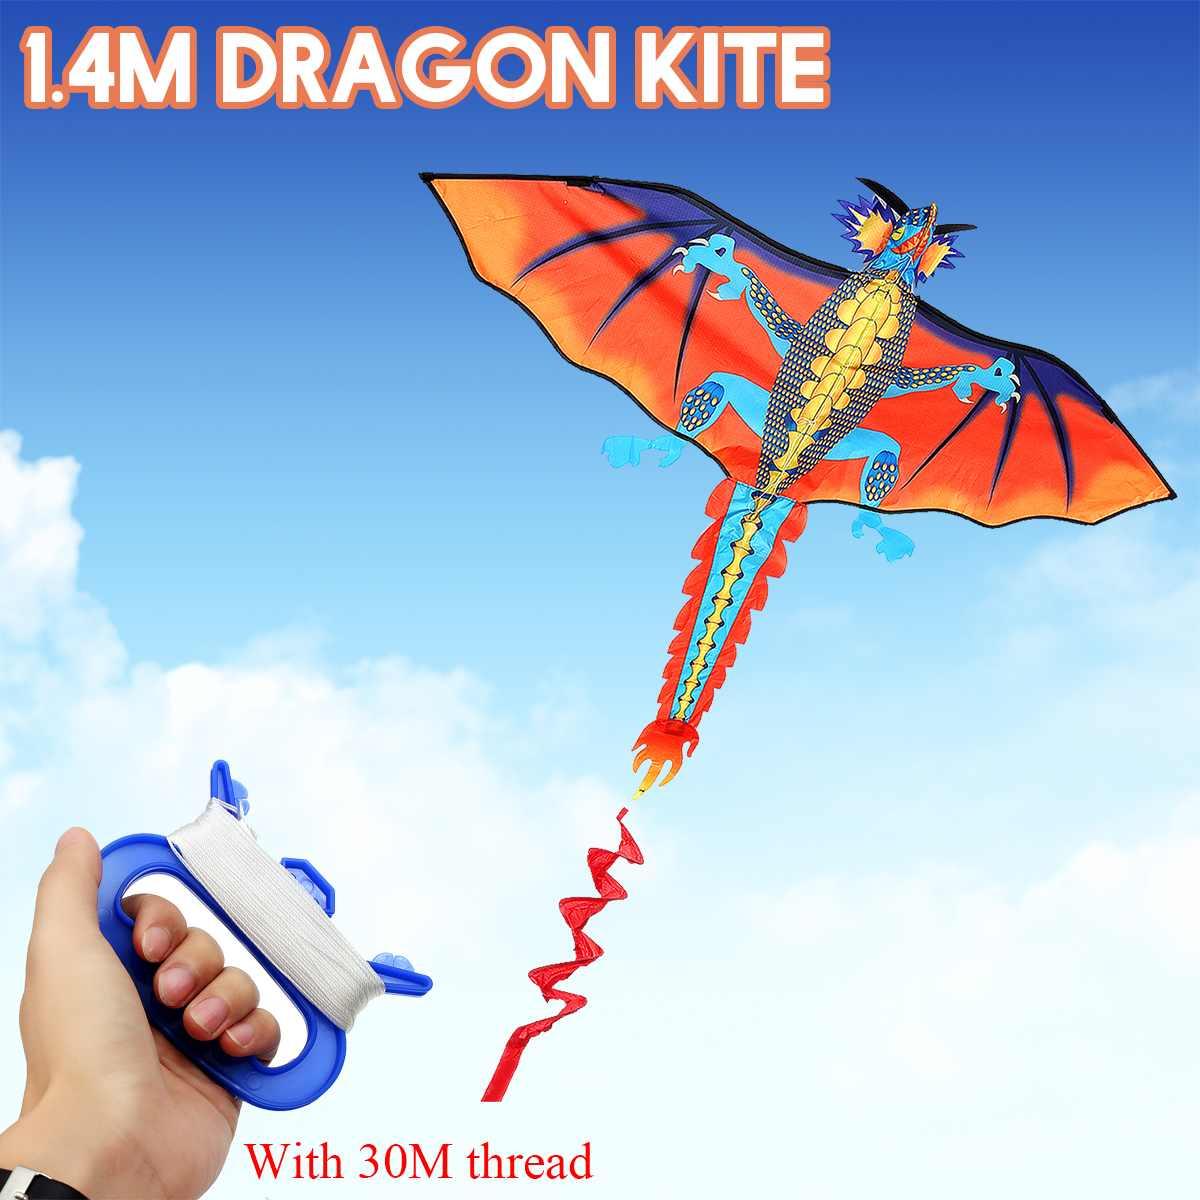 3D дракон кайт костюм с одной линией с хвостом воздушные змеи Забавный игрушечный воздушный змей семья спортивная игрушка для игр на открыто